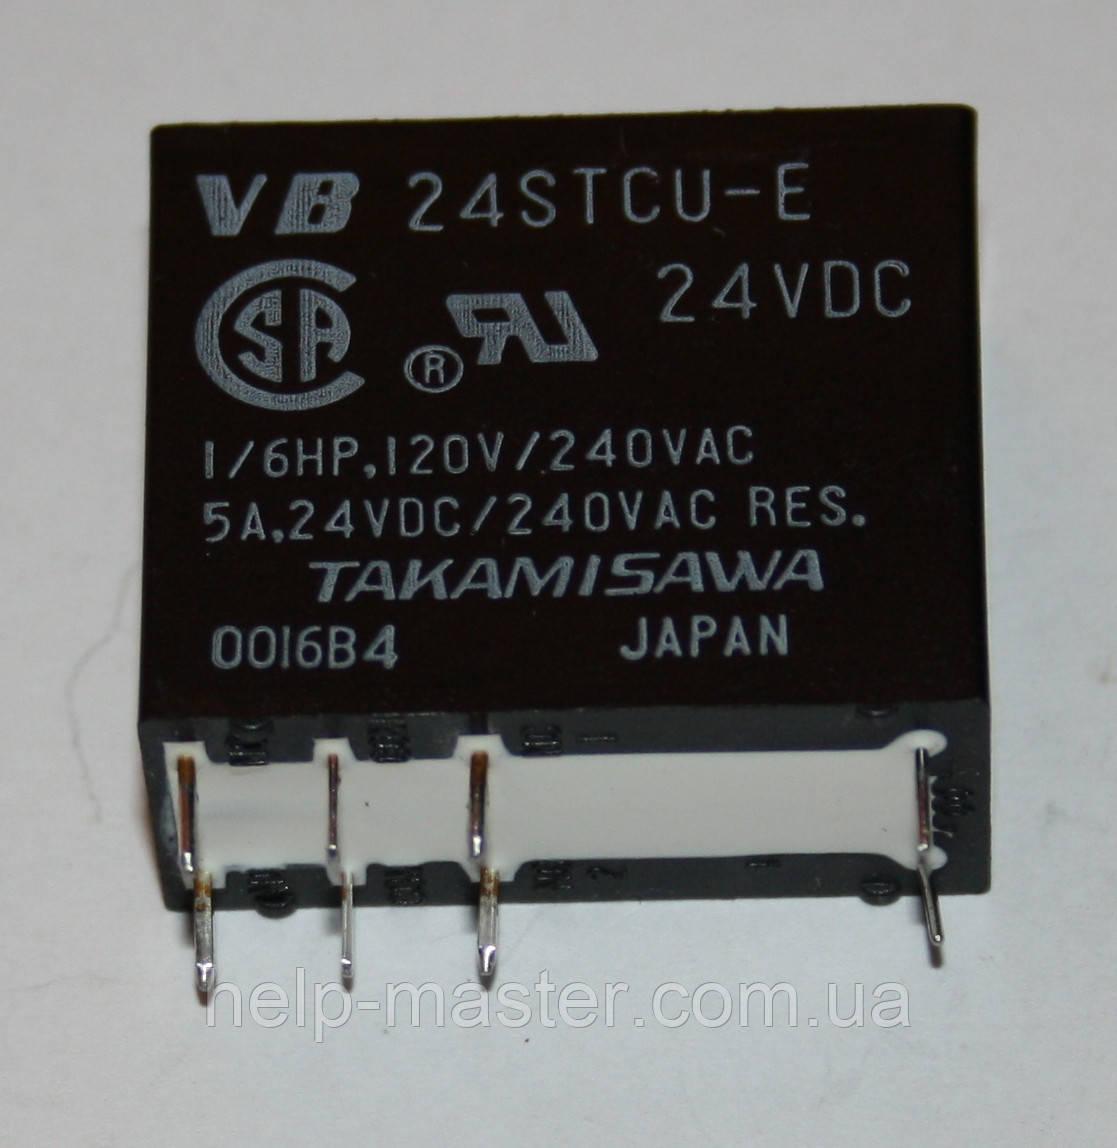 Реле электромеханическое  VB-24STCU-E; 24VDC